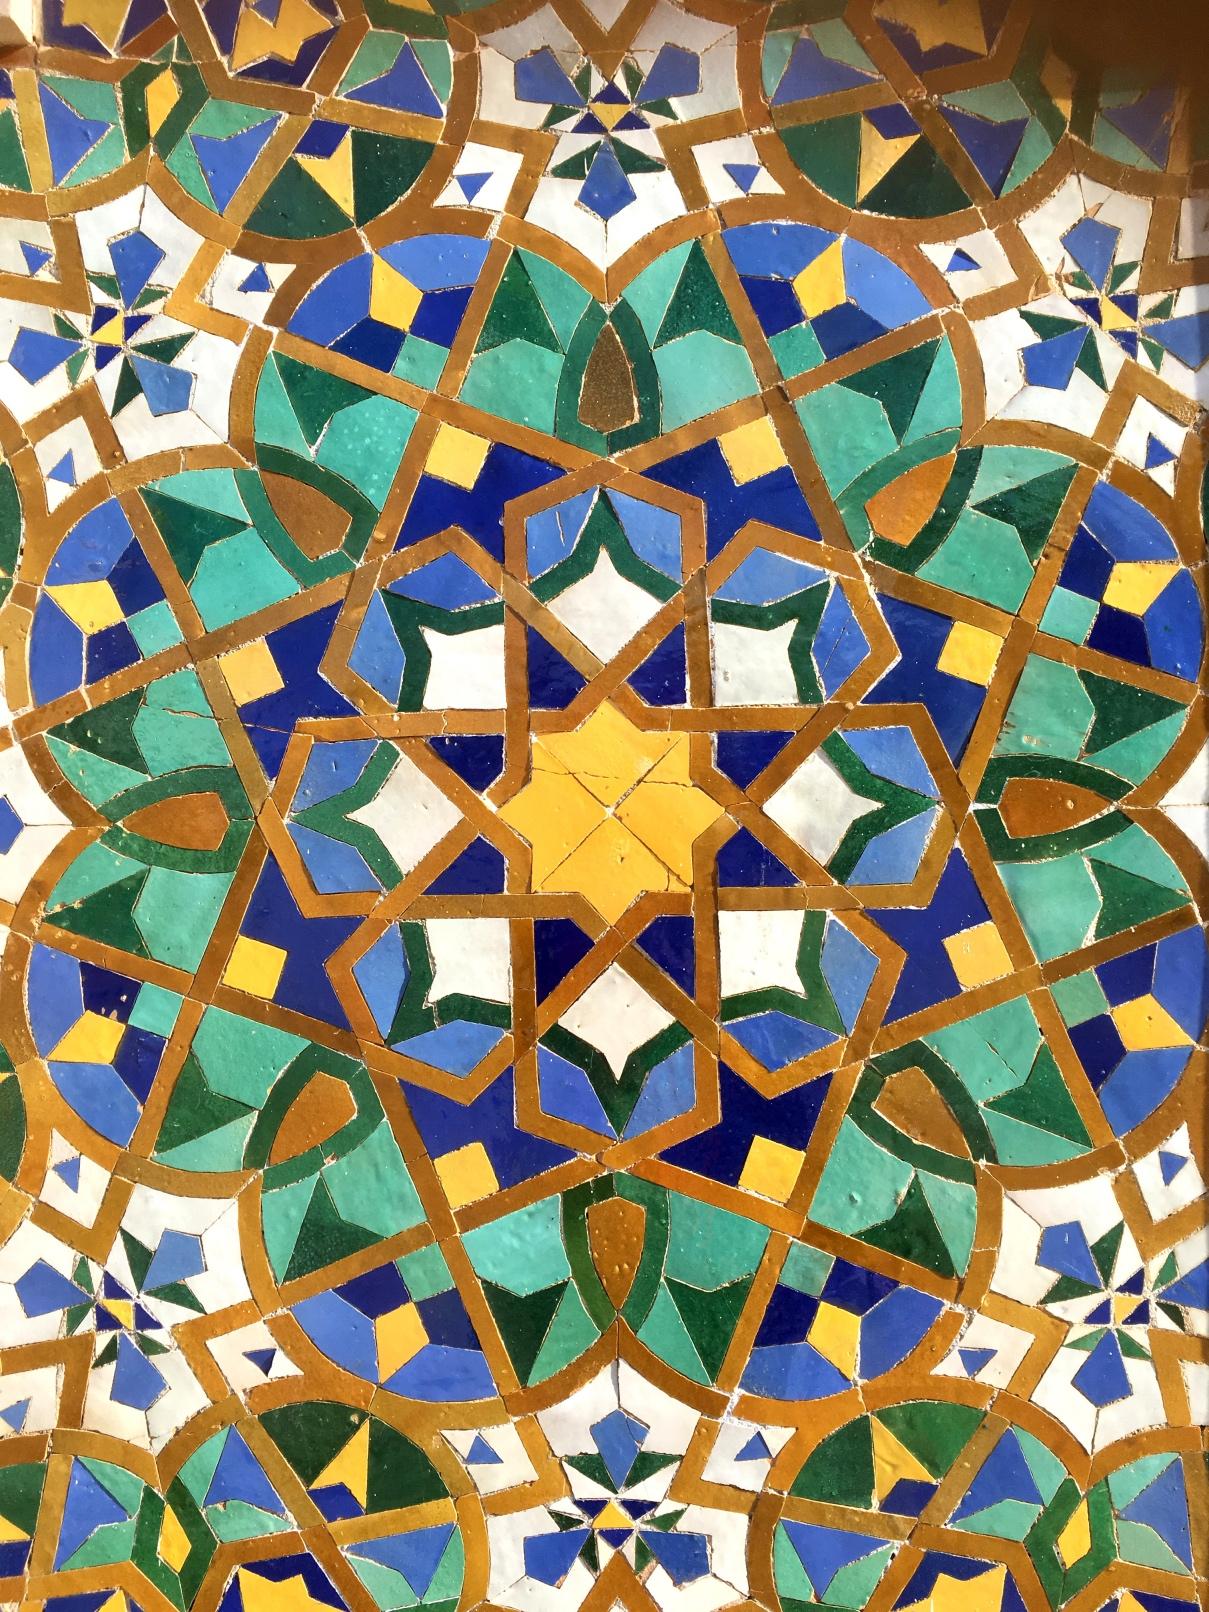 MoroccoTiles5.jpg